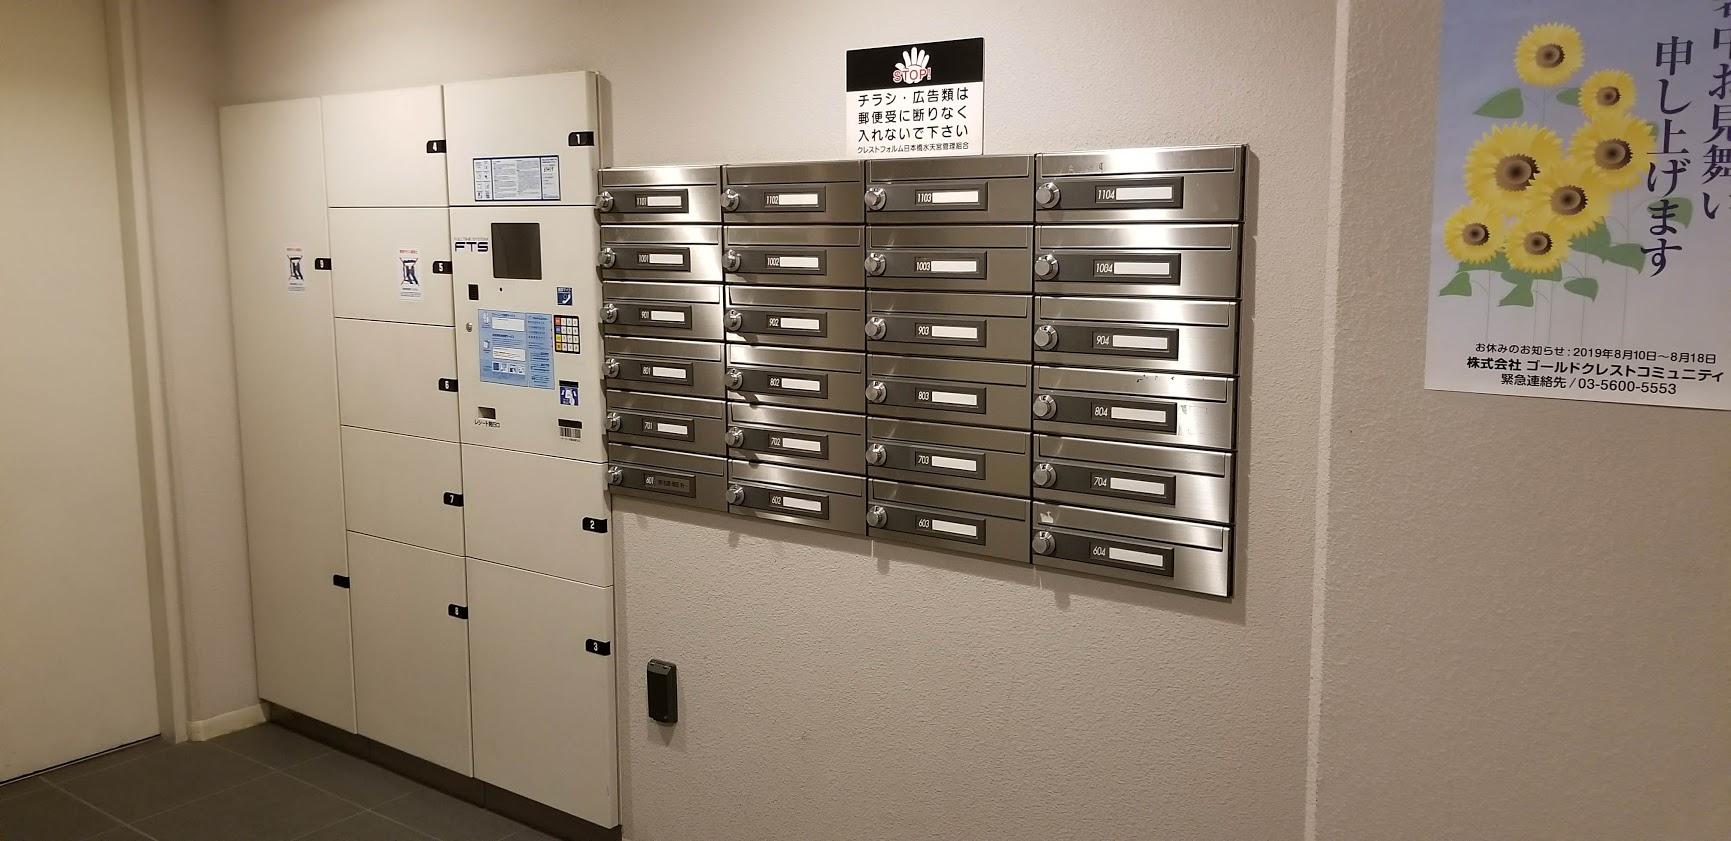 クレストフォルム日本橋水天宮のメールボックスと宅配ボックス